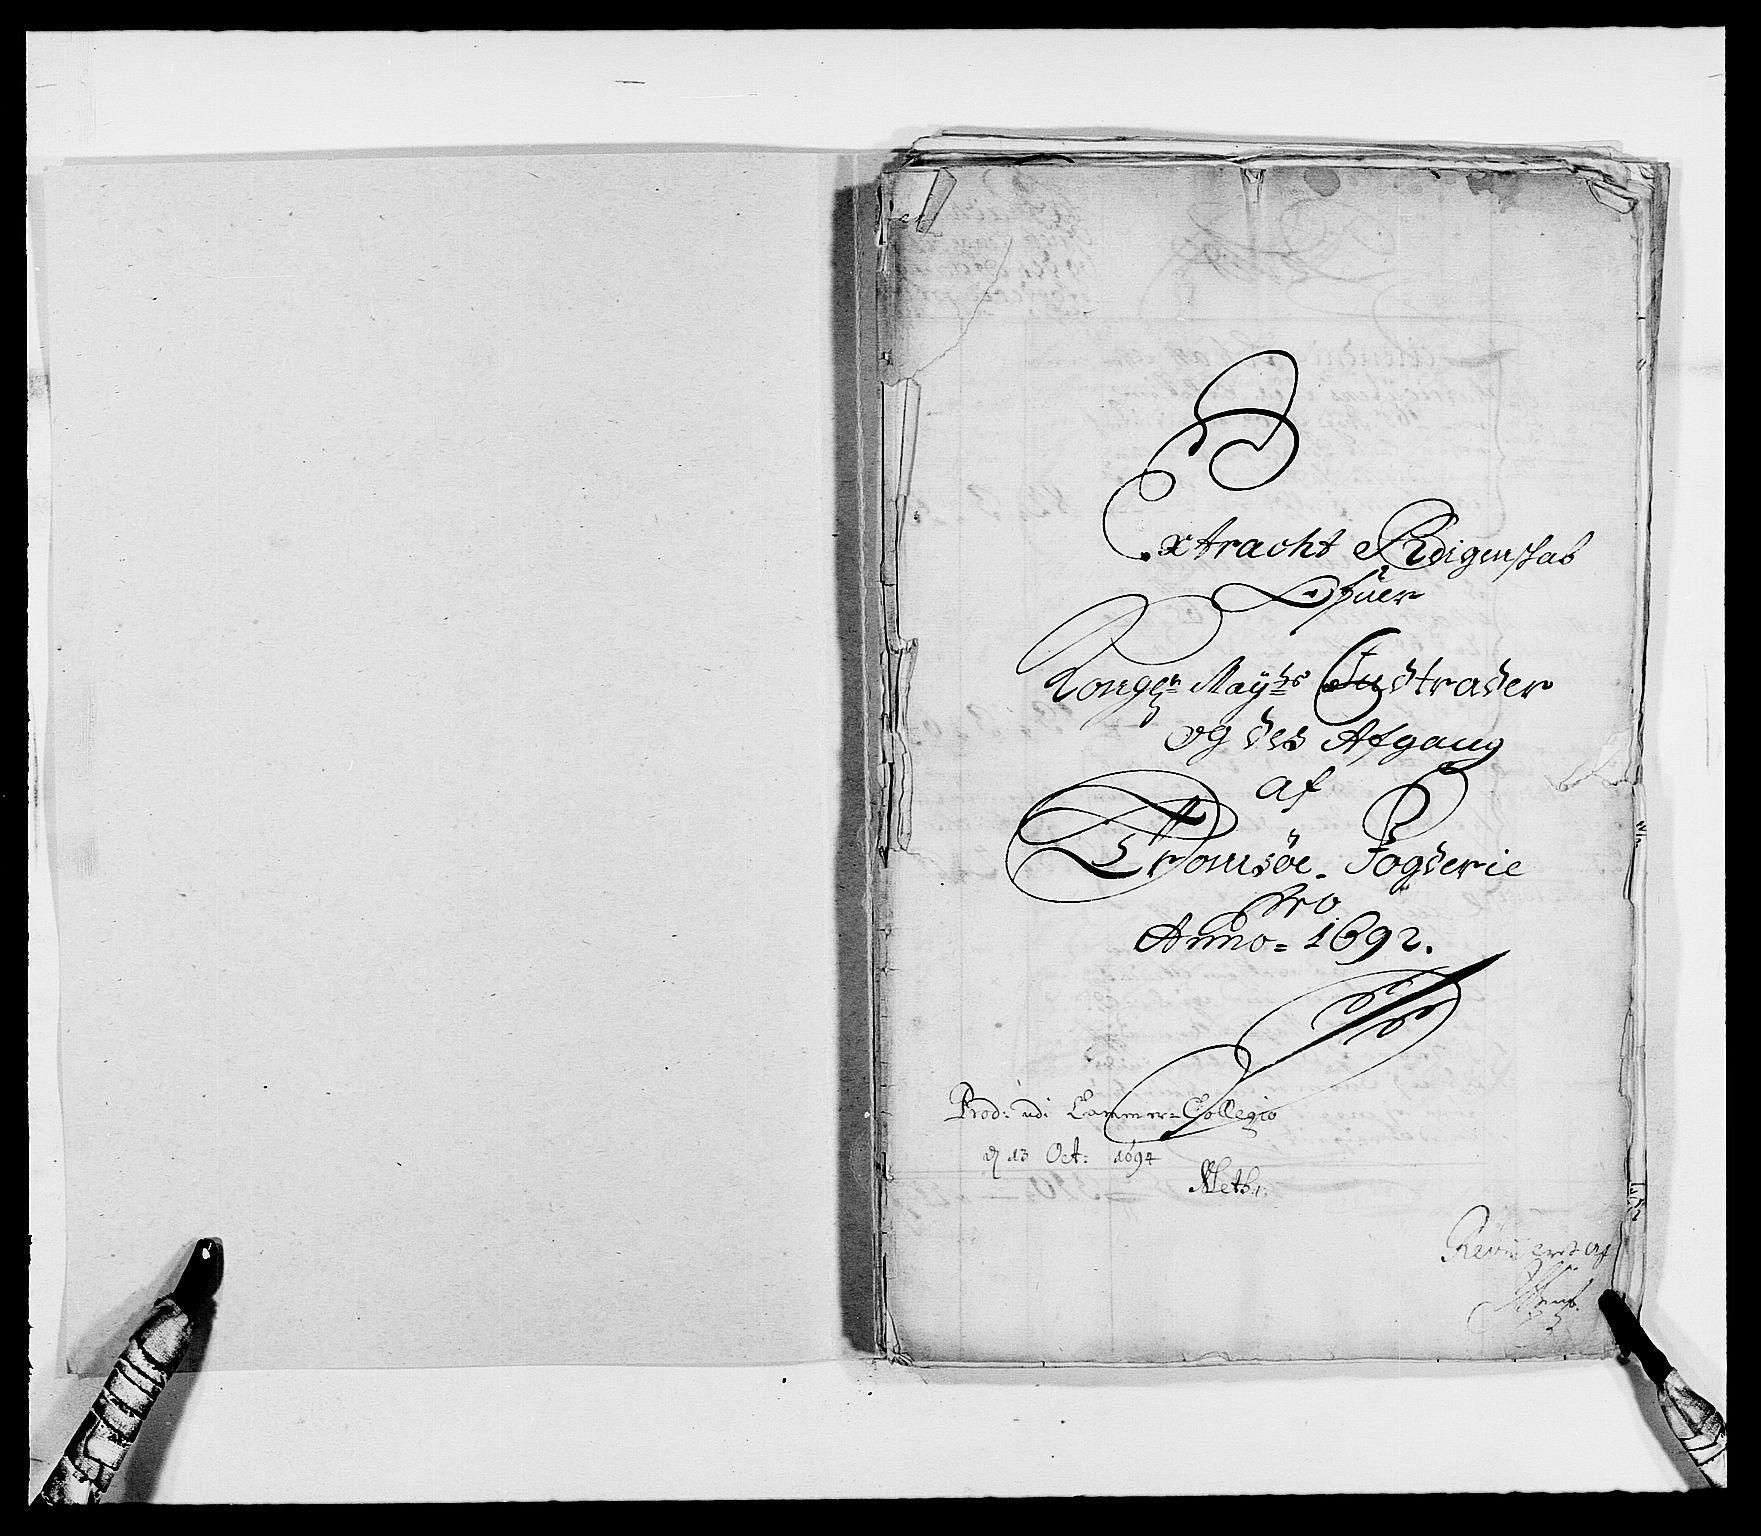 RA, Rentekammeret inntil 1814, Reviderte regnskaper, Fogderegnskap, R68/L4751: Fogderegnskap Senja og Troms, 1690-1693, s. 141